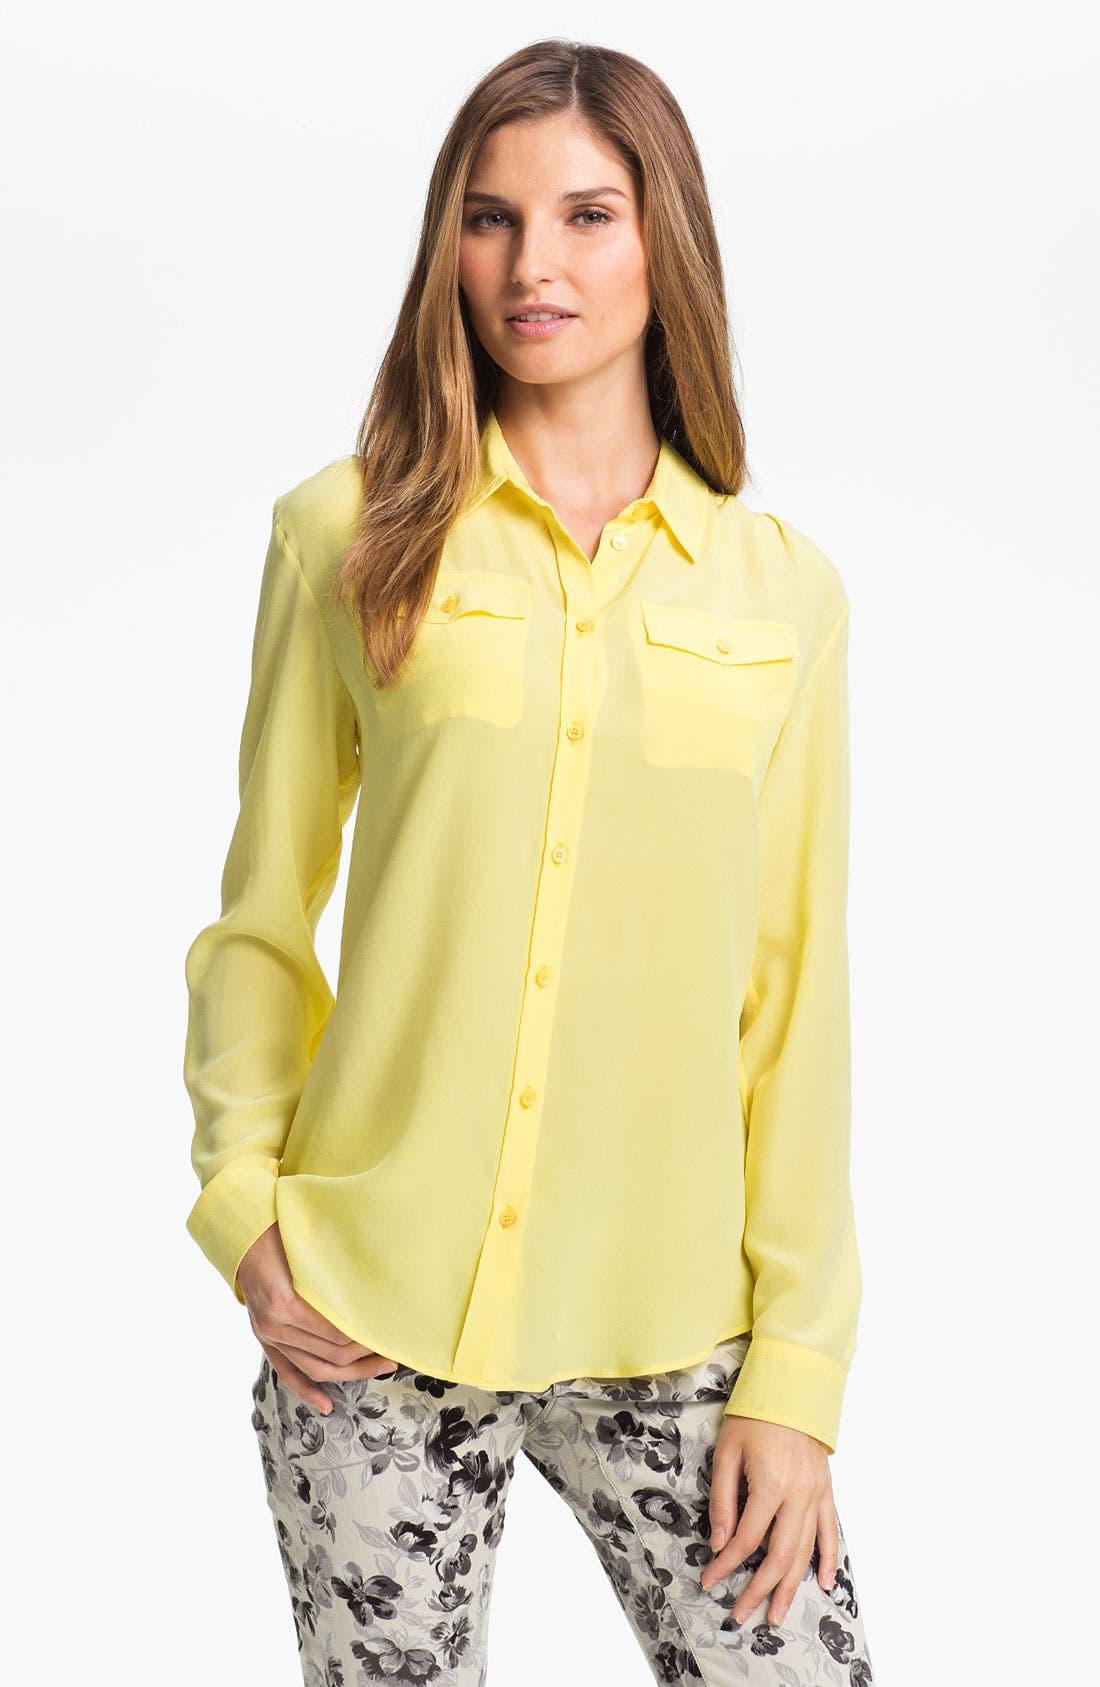 Alternate Image 1 Selected - Max Mara 'Udito' Silk Shirt